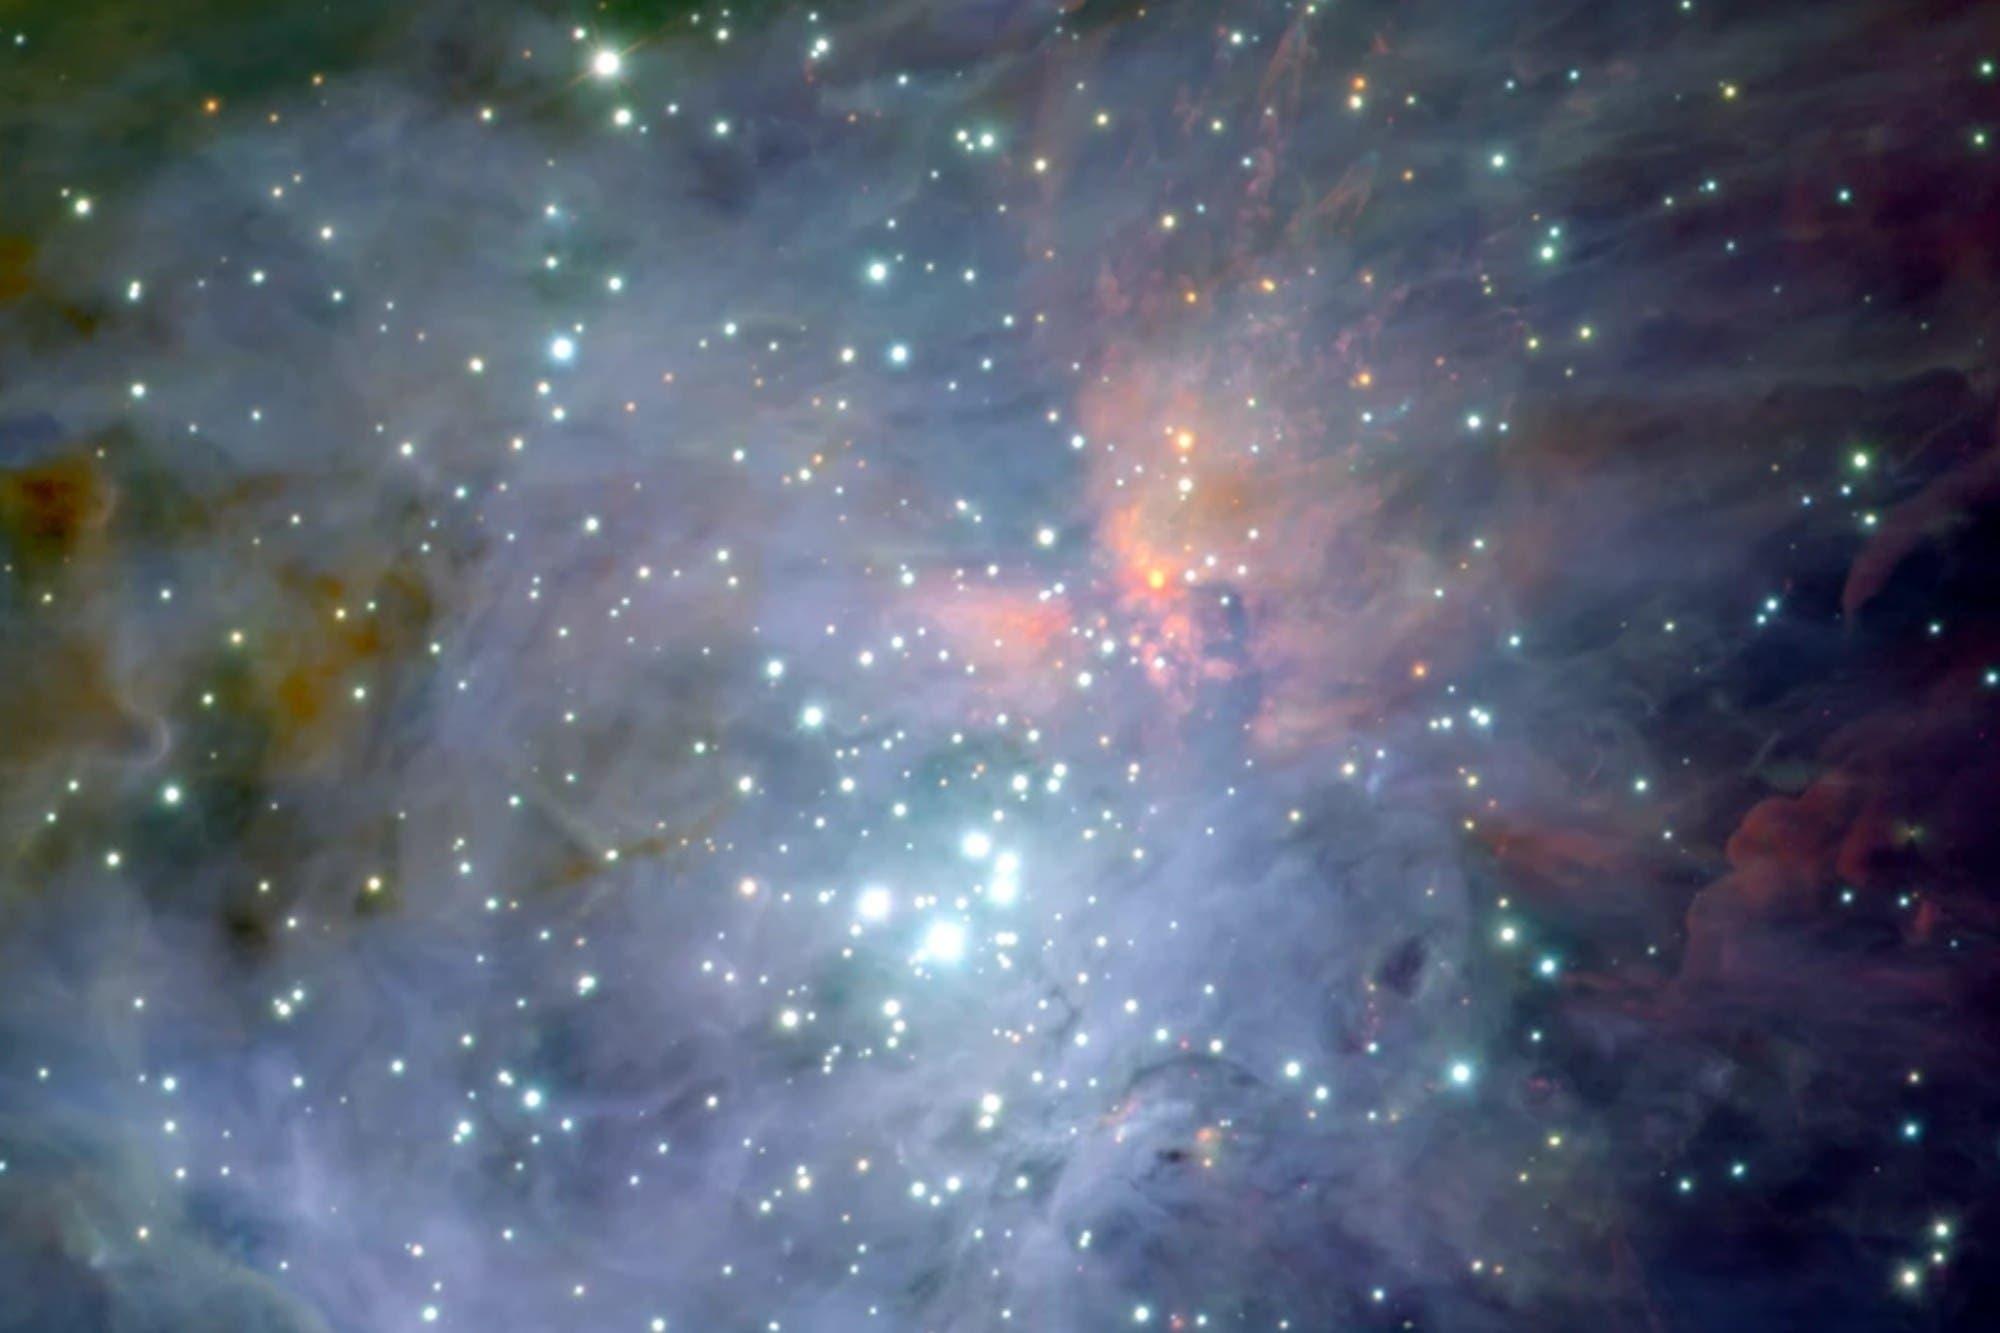 Científicos encuentran un nuevo tipo de estrellas en nuestra galaxia que no pueden explicar